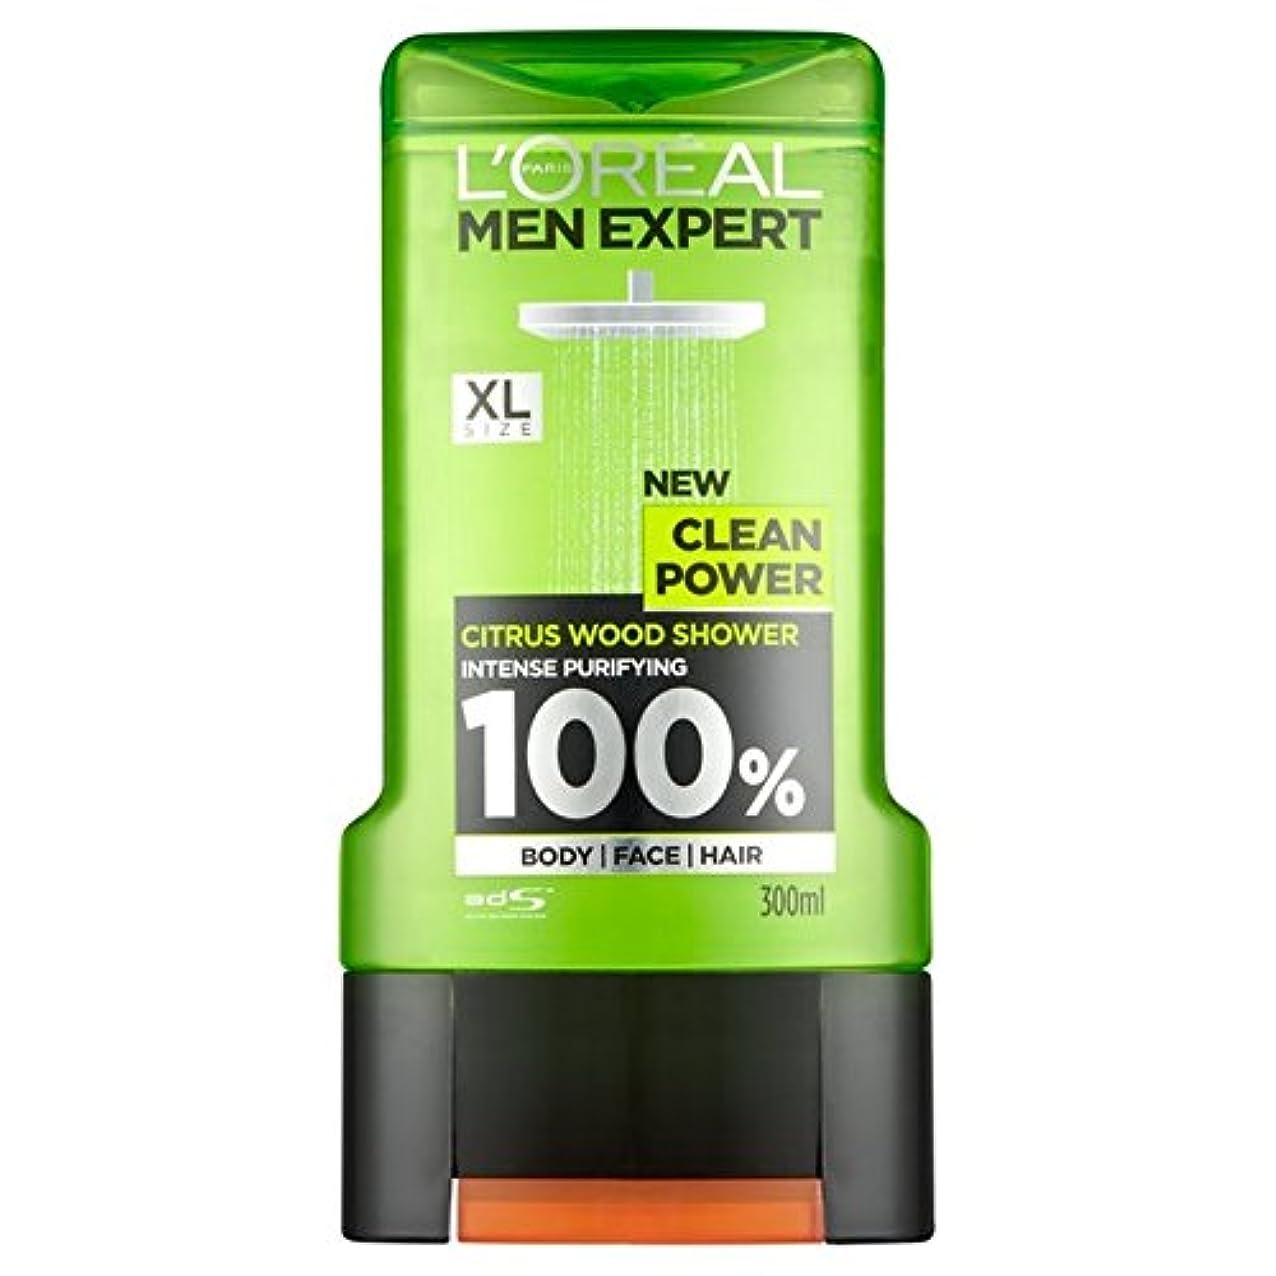 性別無効失業L'Oreal Paris Men Expert Clean Power Shower Gel 300ml - ロレアルパリの男性の専門家クリーンパワーシャワージェル300ミリリットル [並行輸入品]